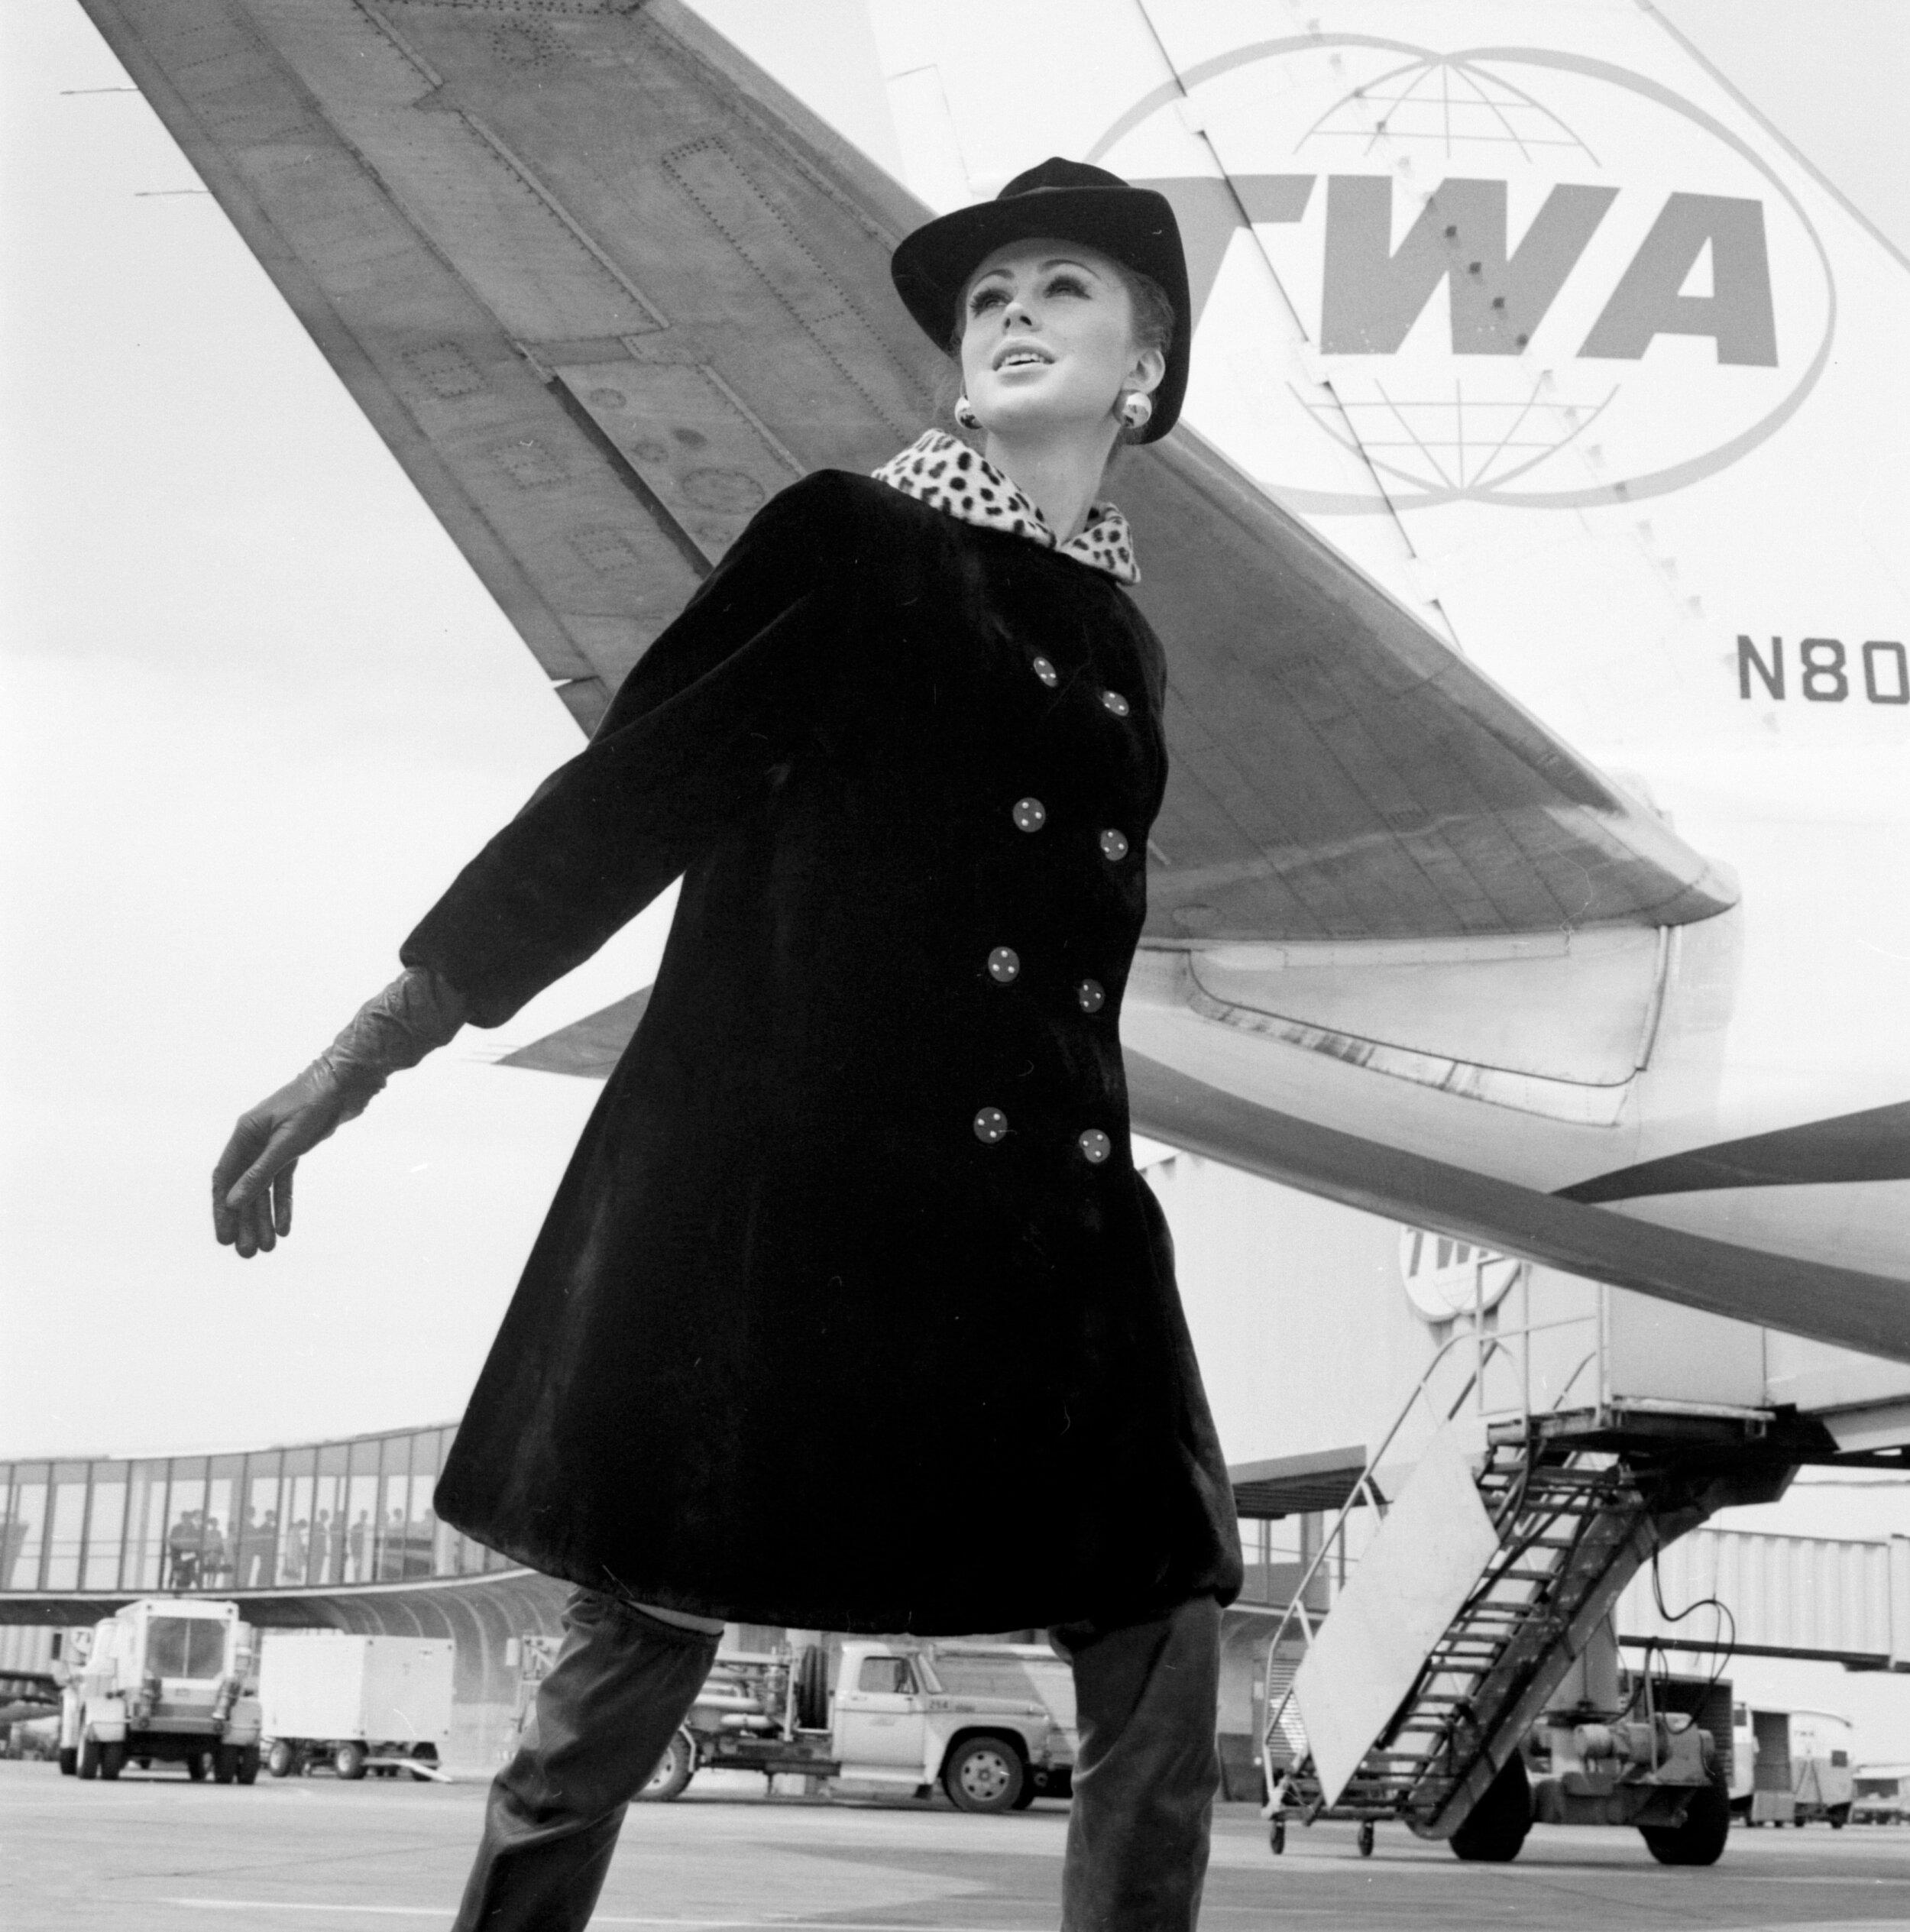 00097-Dan-Wynn-Fashion-A-00027.jpg